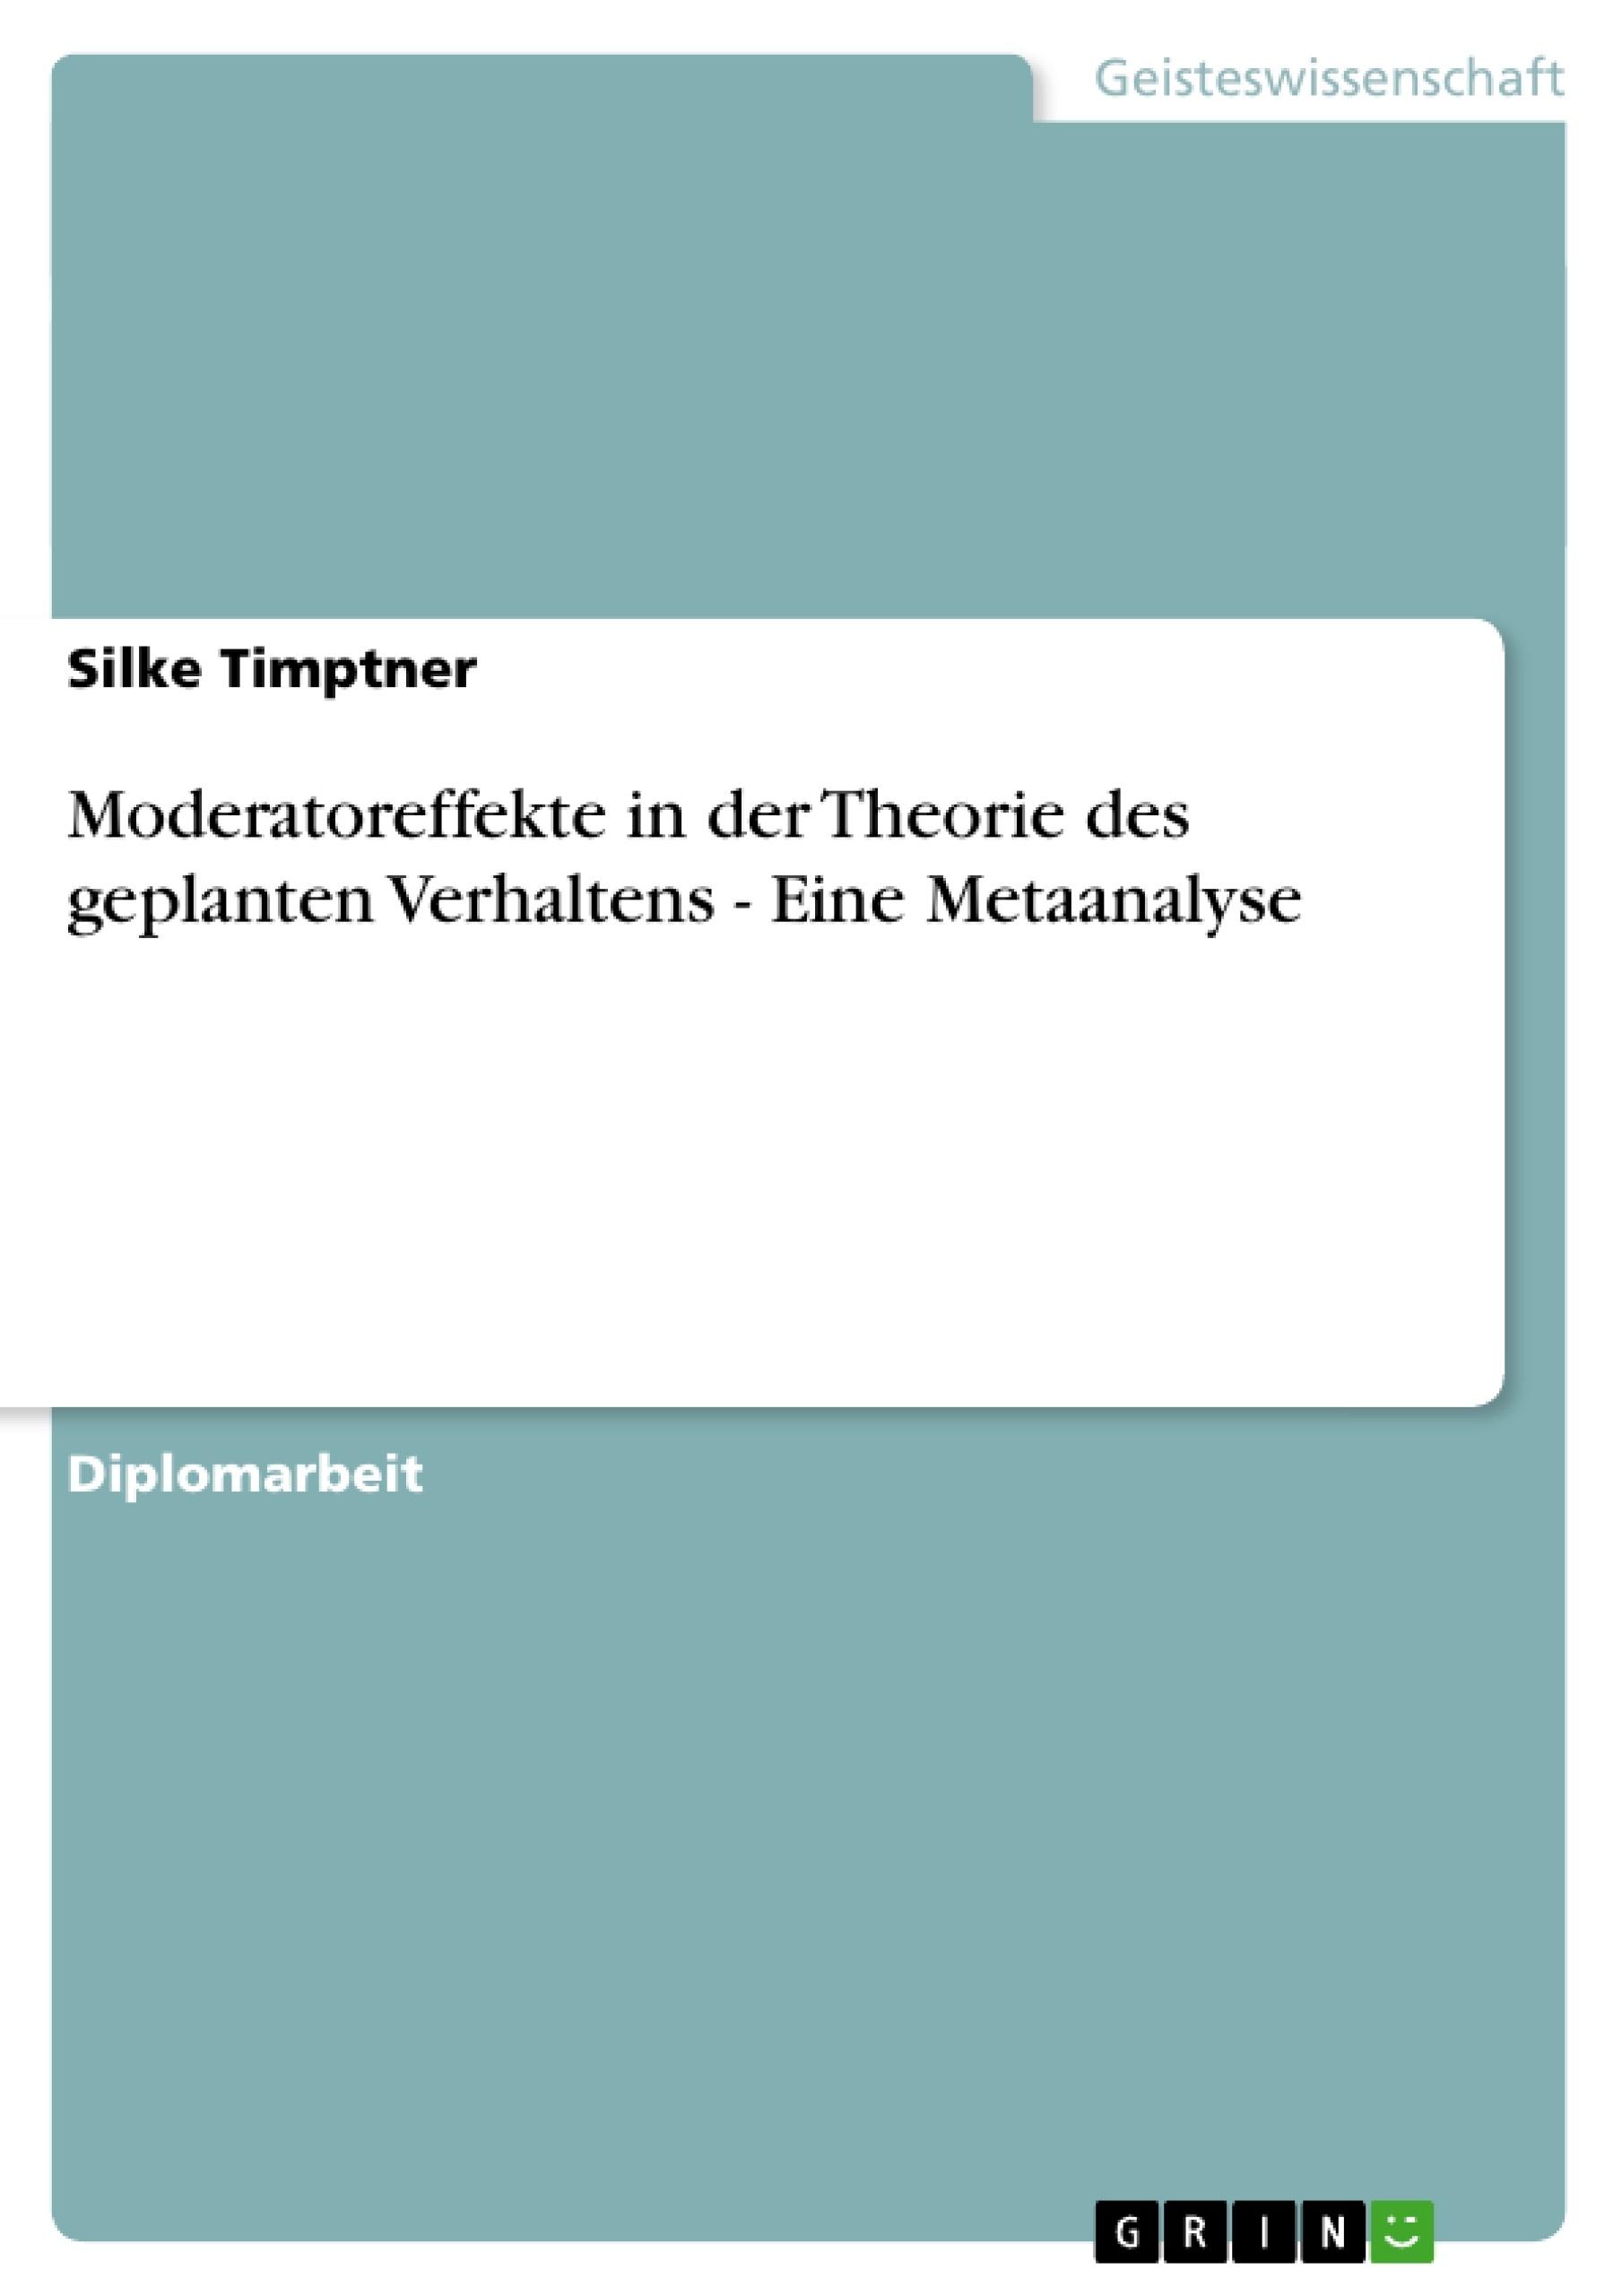 Titel: Moderatoreffekte in der Theorie des geplanten Verhaltens - Eine Metaanalyse